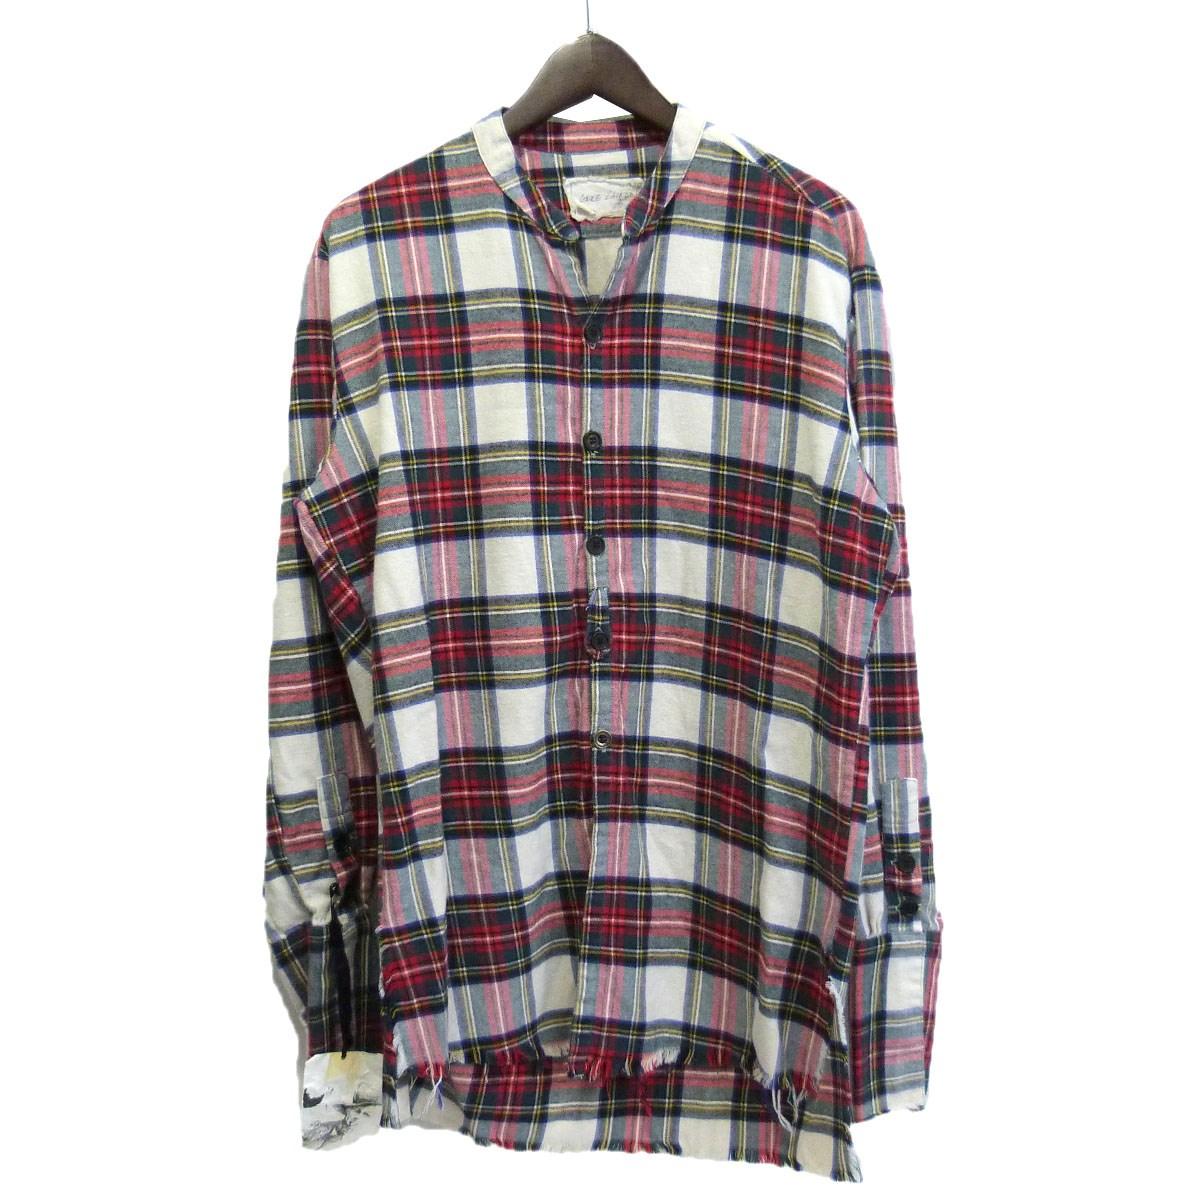 【中古】GREG LAUREN「THE FLANNEL STUDIO SHIRT」チェックフランネルスタジオシャツ ホワイト×レッド サイズ:3